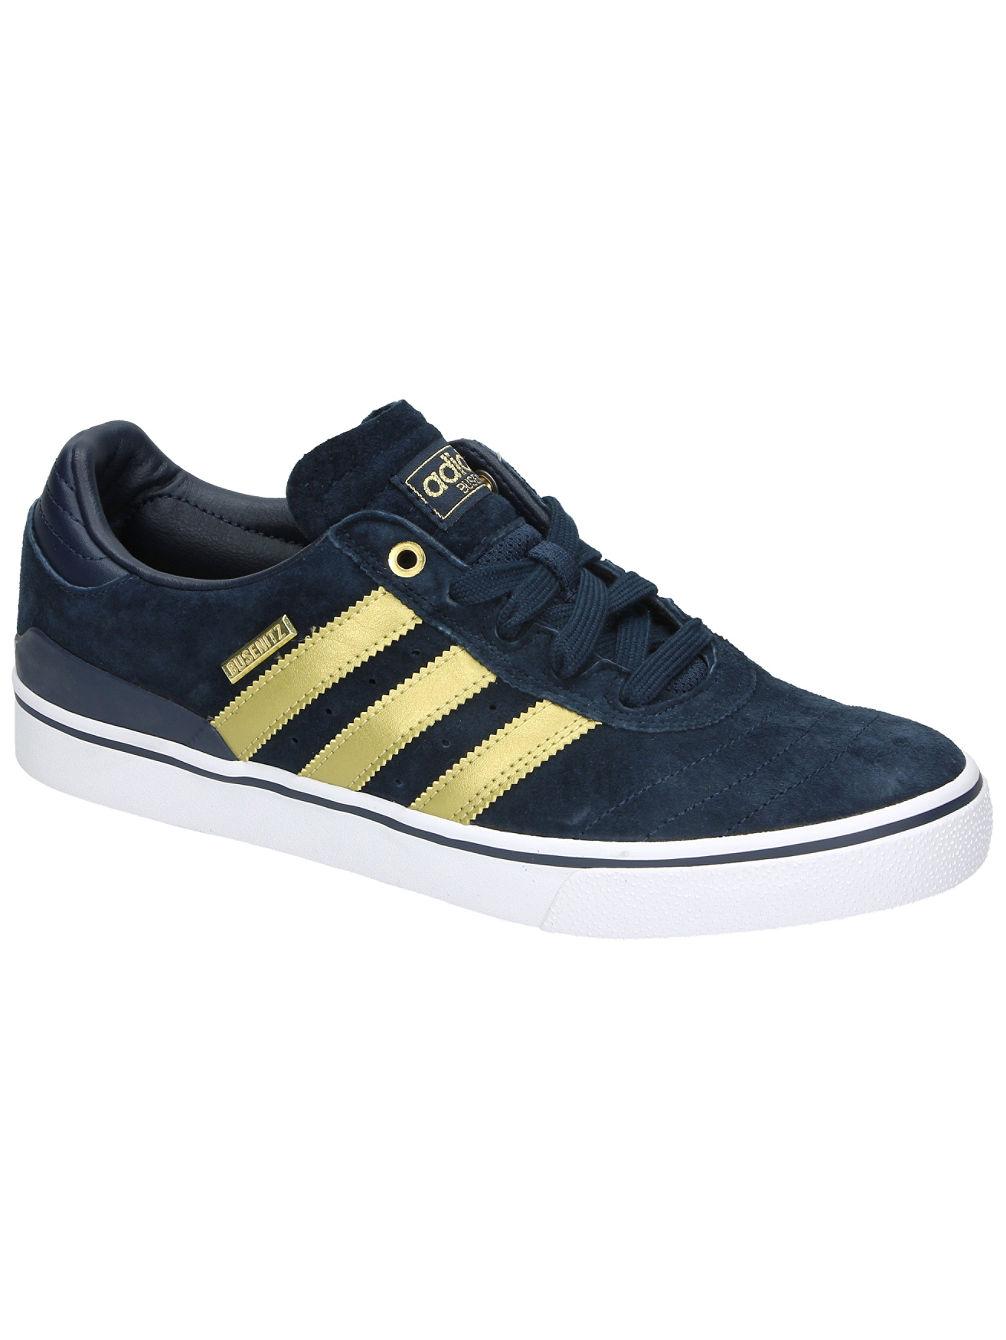 adidas-skateboarding-busenitz-vulc-adv-10-yr-anni-skate-shoes